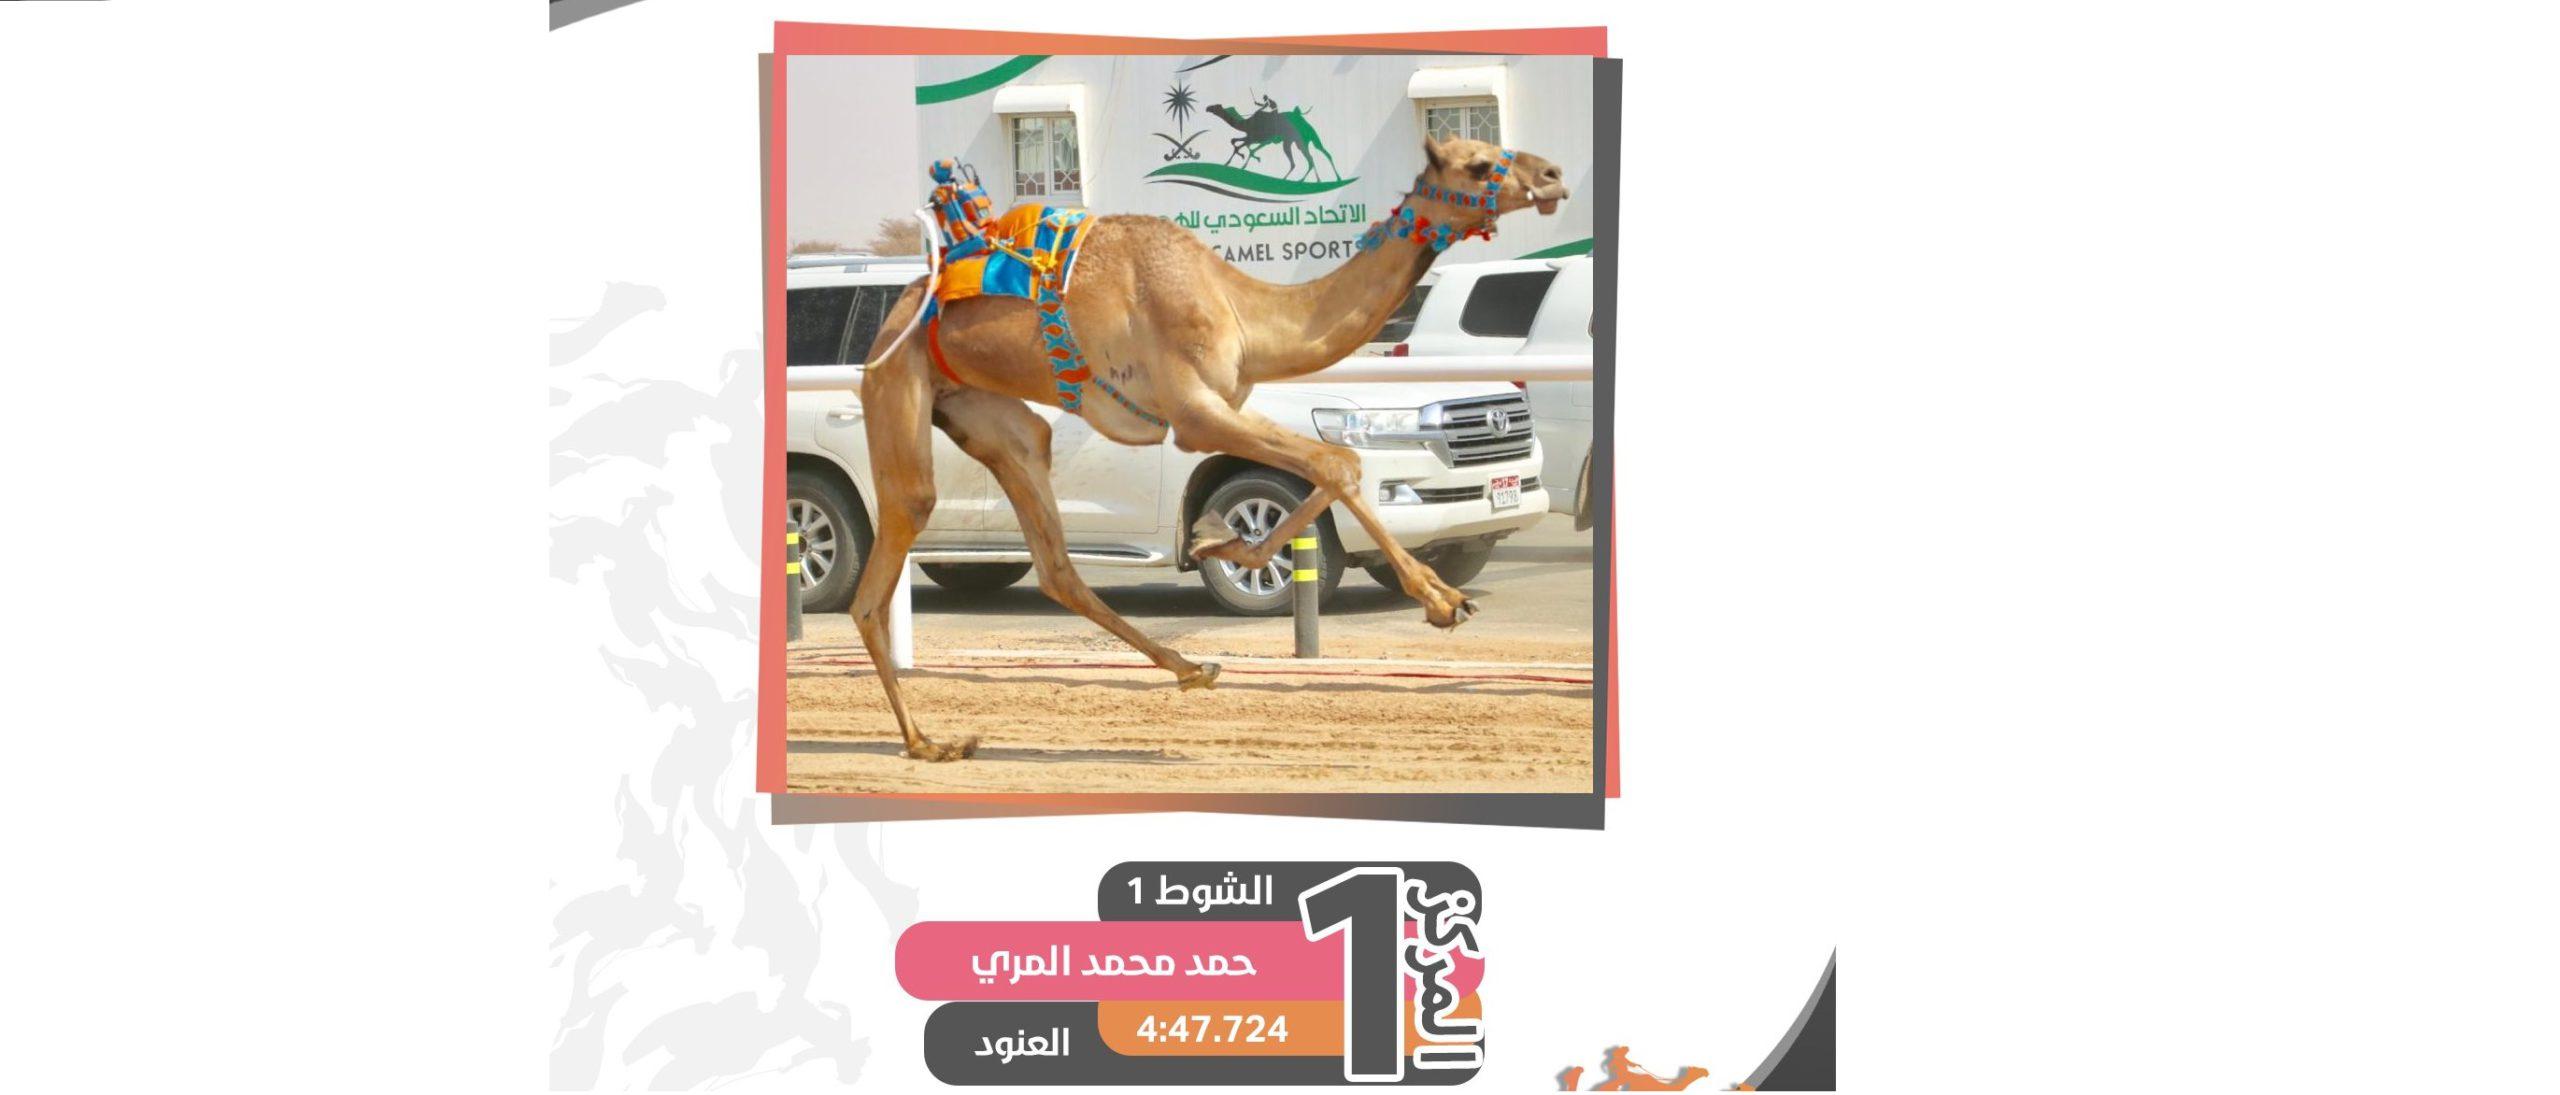 شعار آل صافيه يظفر بناموسي الحقايق عام